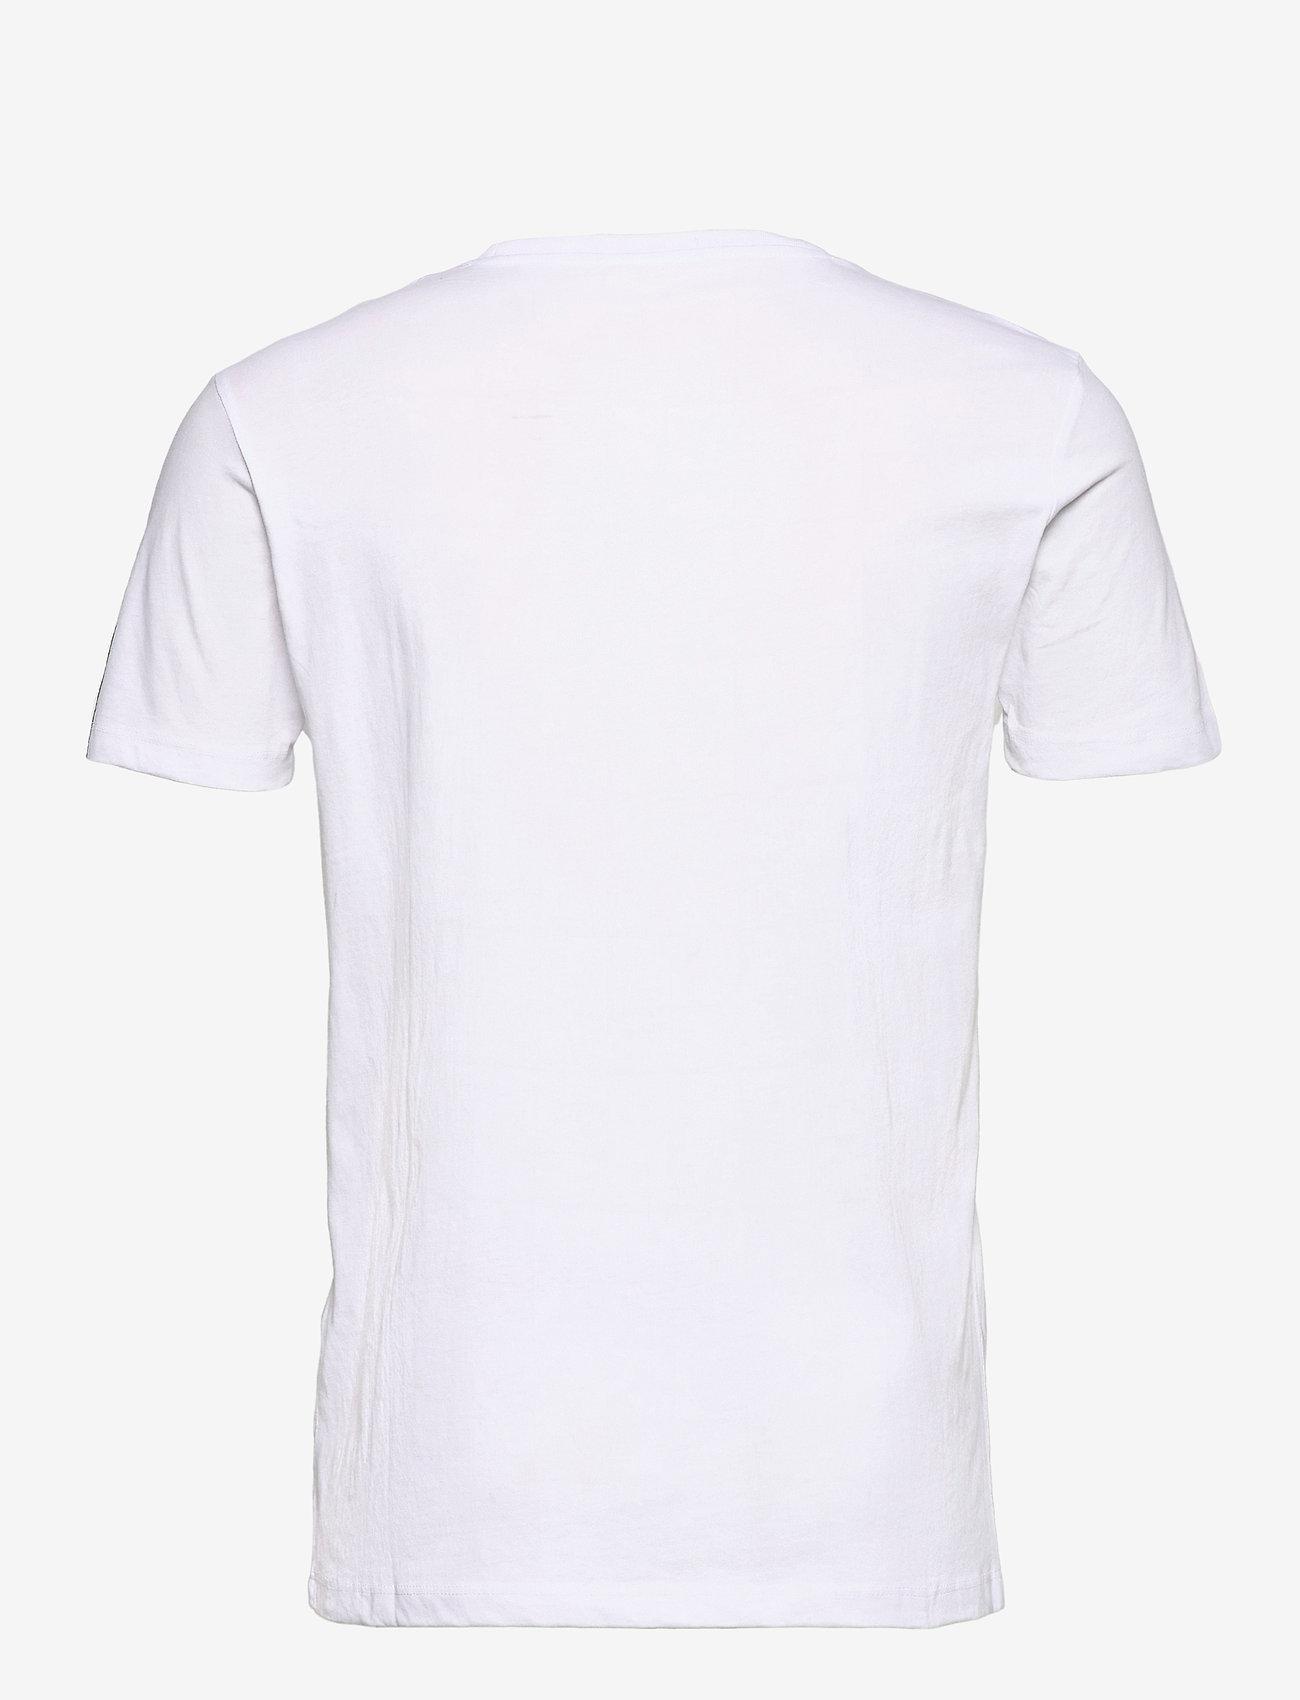 Replay 000 - T-skjorter WHITE - Menn Klær